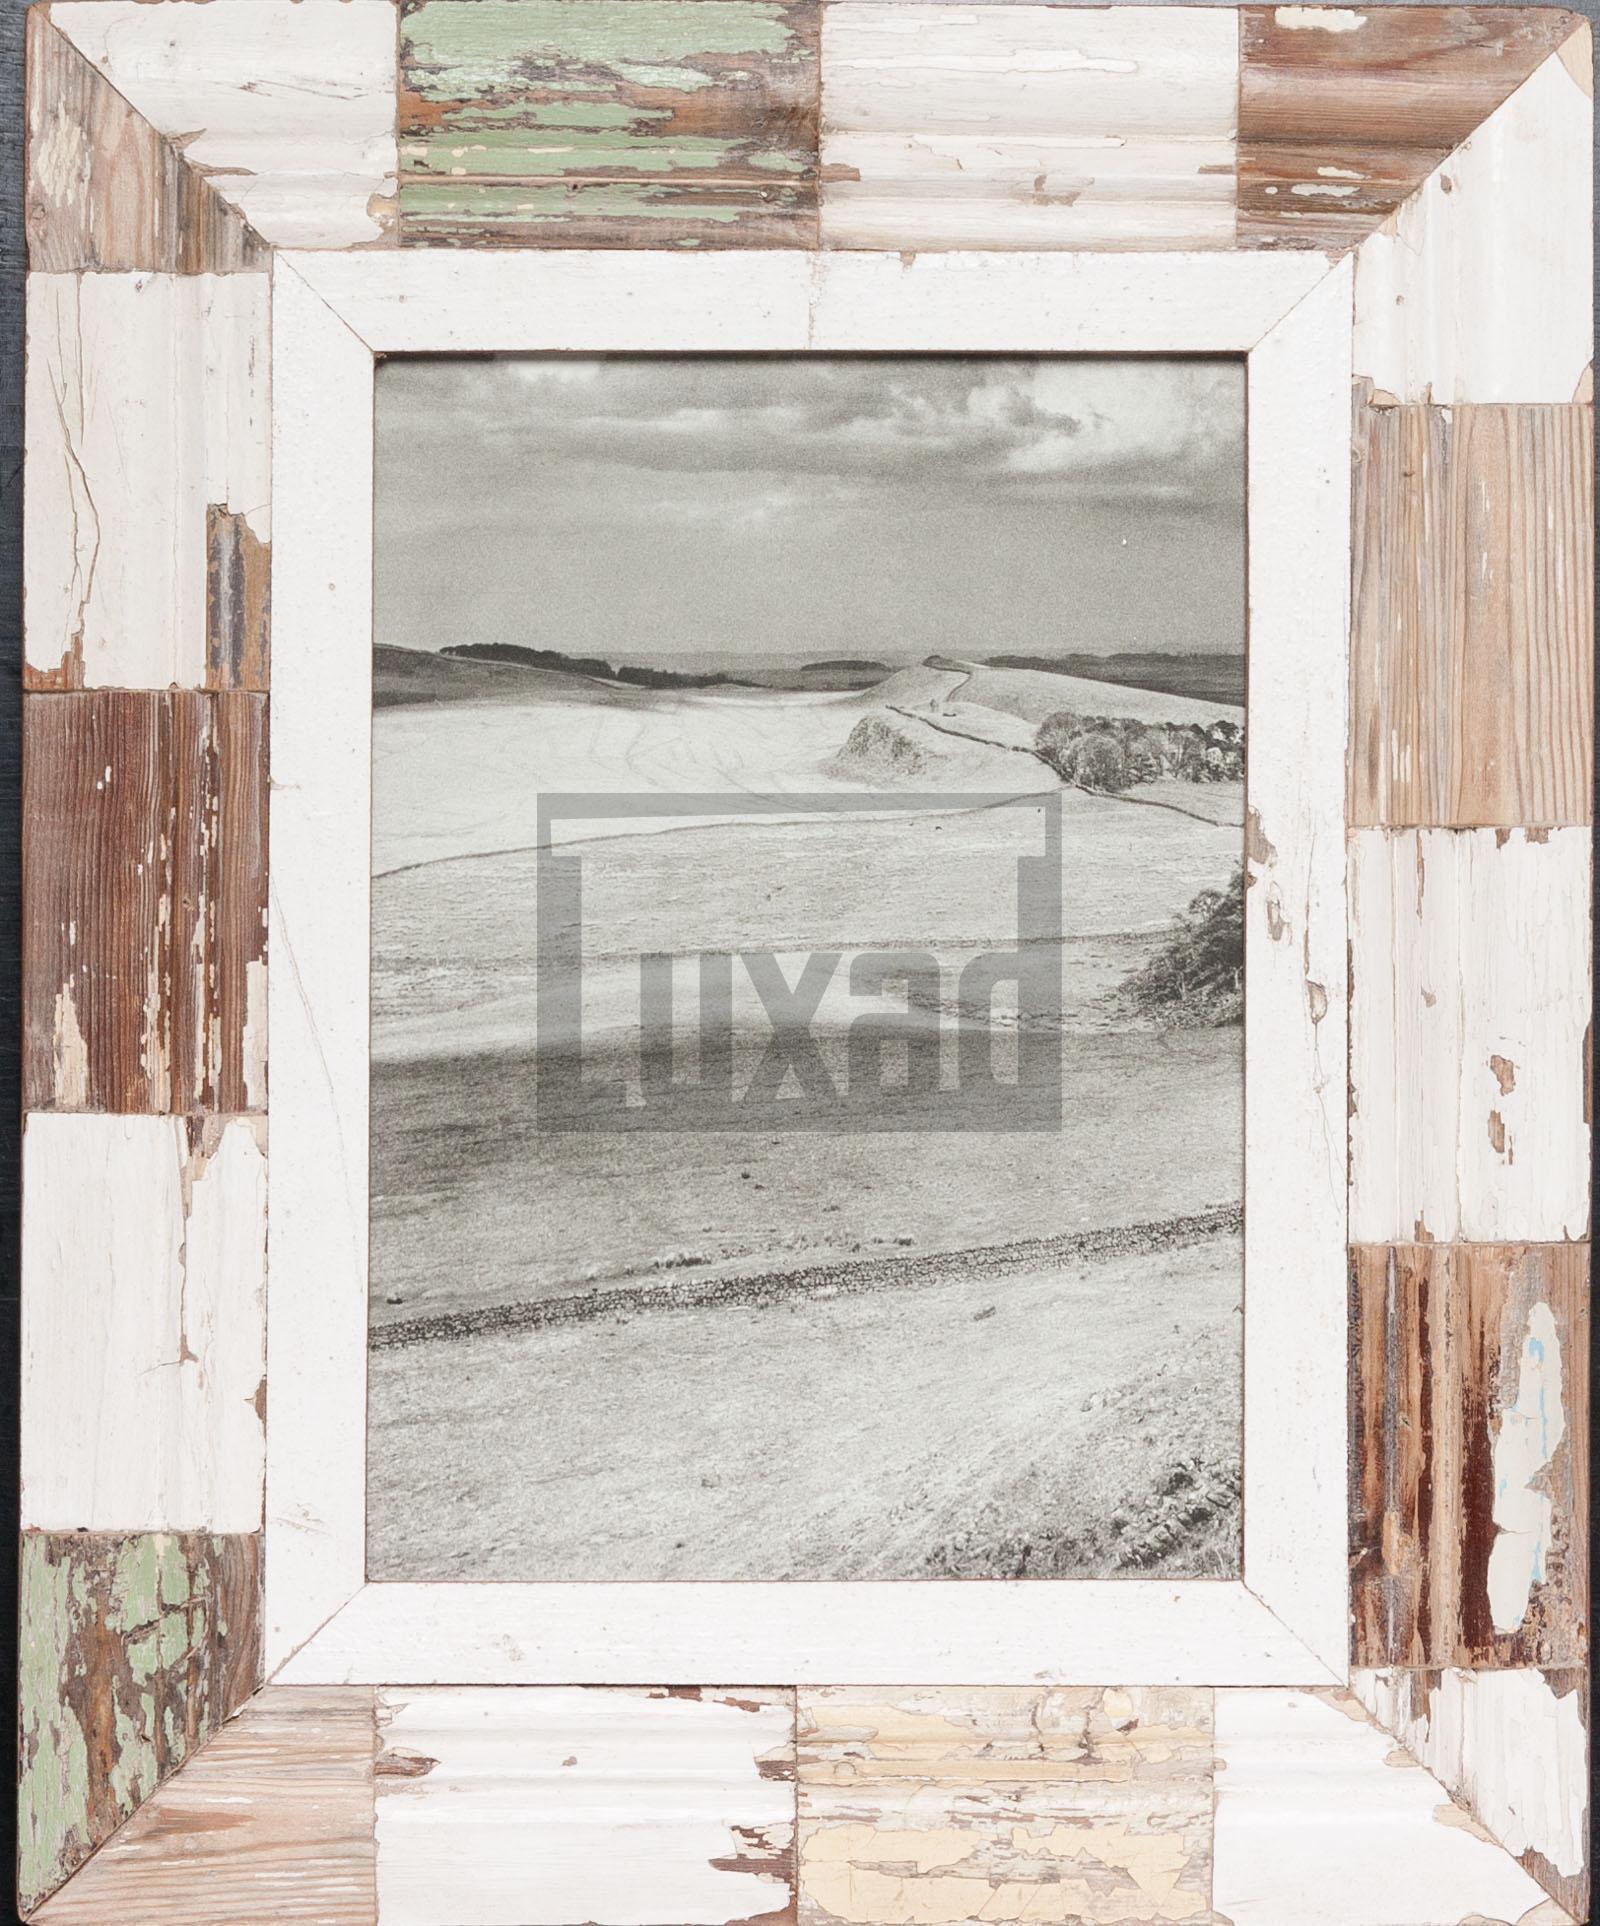 Holzmosaik-Bilderrahmen für ca. 21 x 29,7 cm große Fotos